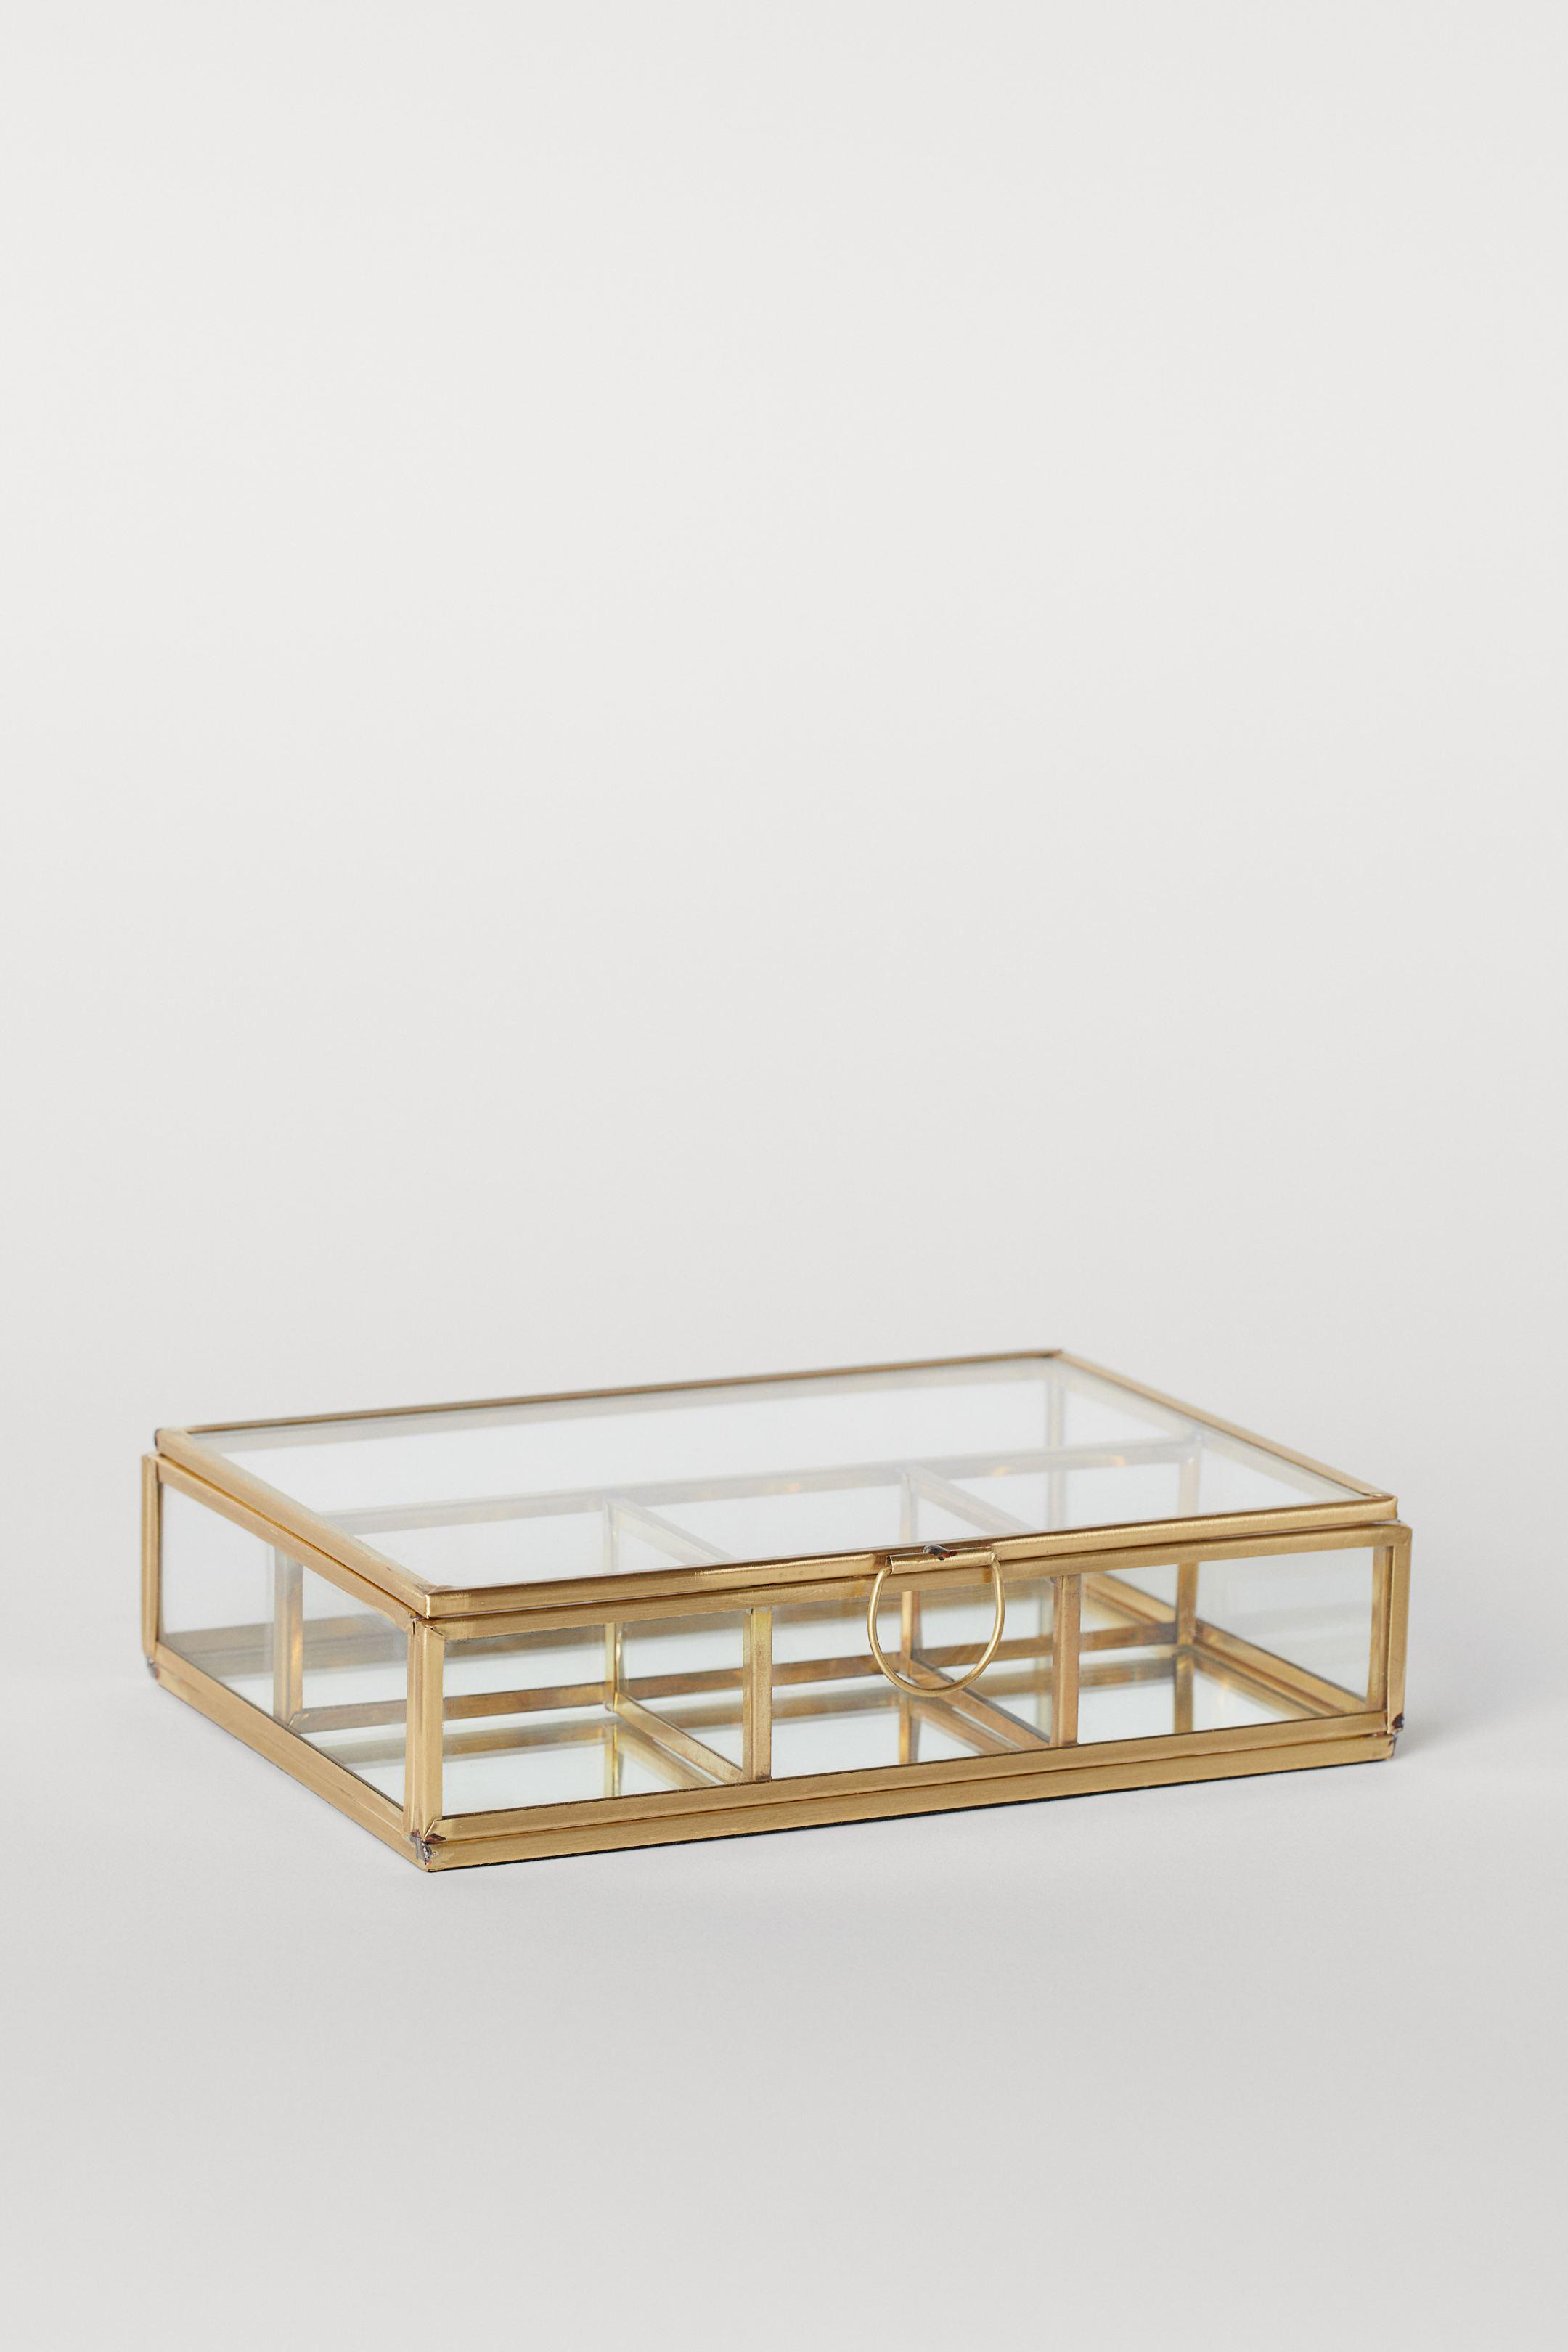 Joyero rectangular en vidrio transparente con marco de metal y base de espejo. Tapa con anilla pequeña delante y cuatro compartimentos en el interior. Base acolchada. Medidas 4,5x12,5x17,5cm.